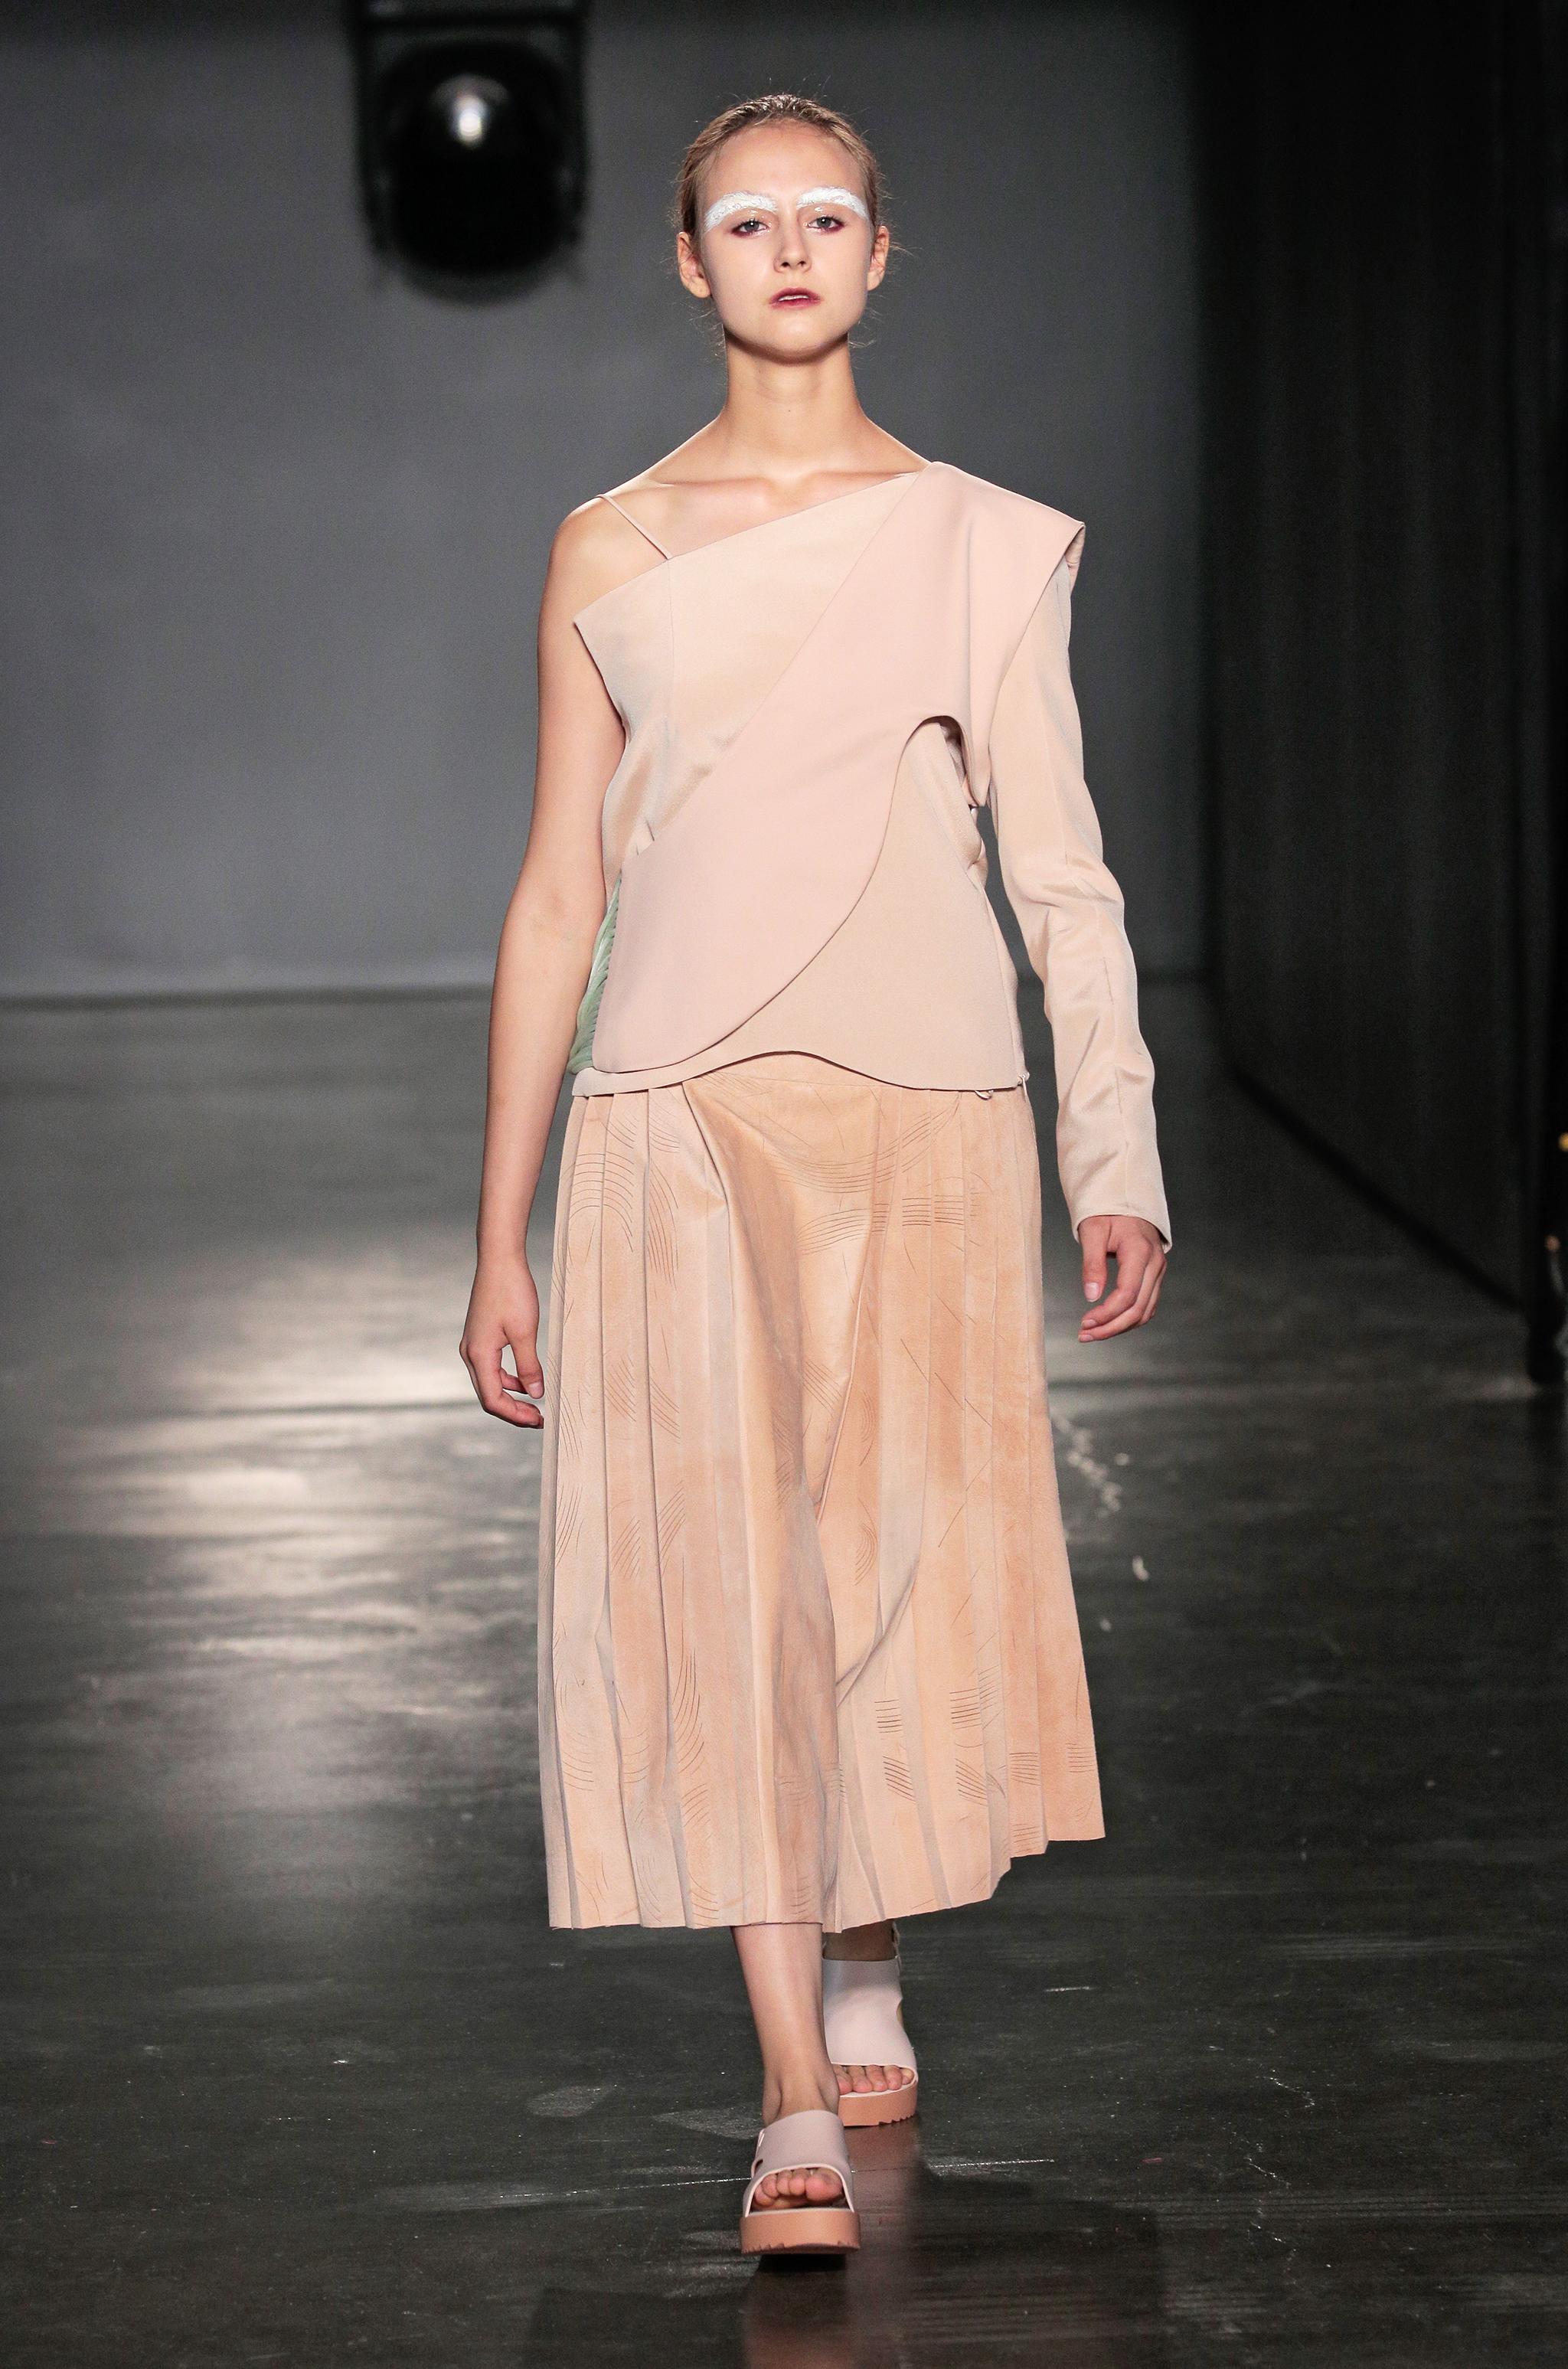 AAU-Grad-Show-Sophie-Cheng-62